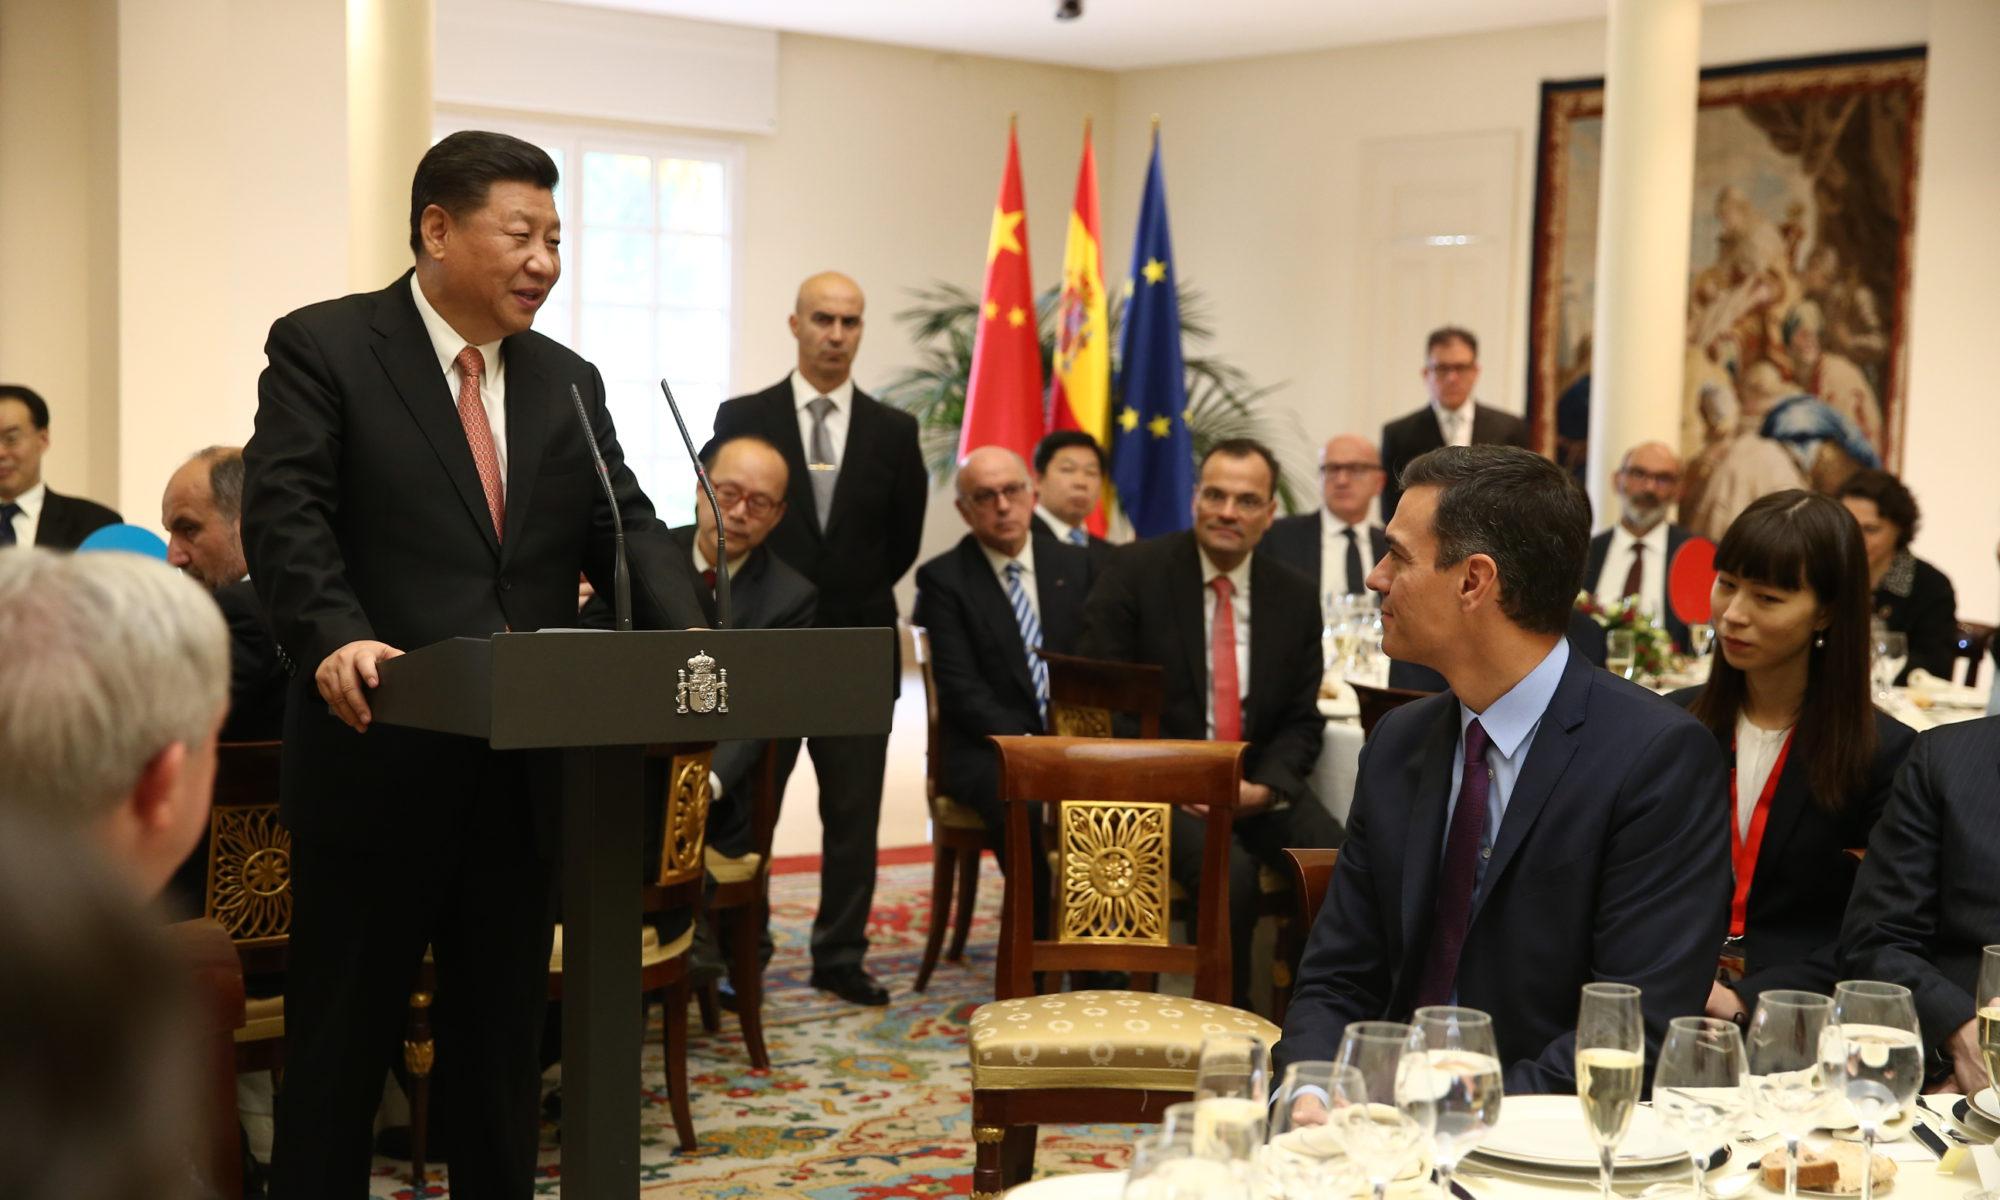 Xi Jinping, presidente de la República Popular China, durante el almuerzo ofrecido por el presidente Pedro Sánchez en La Moncloa. Foto: Moncloa.